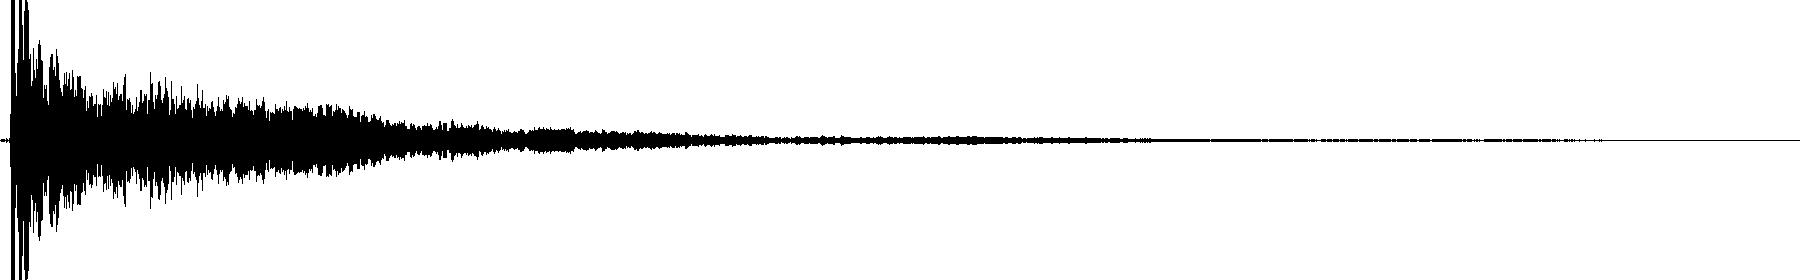 13936 8 wav